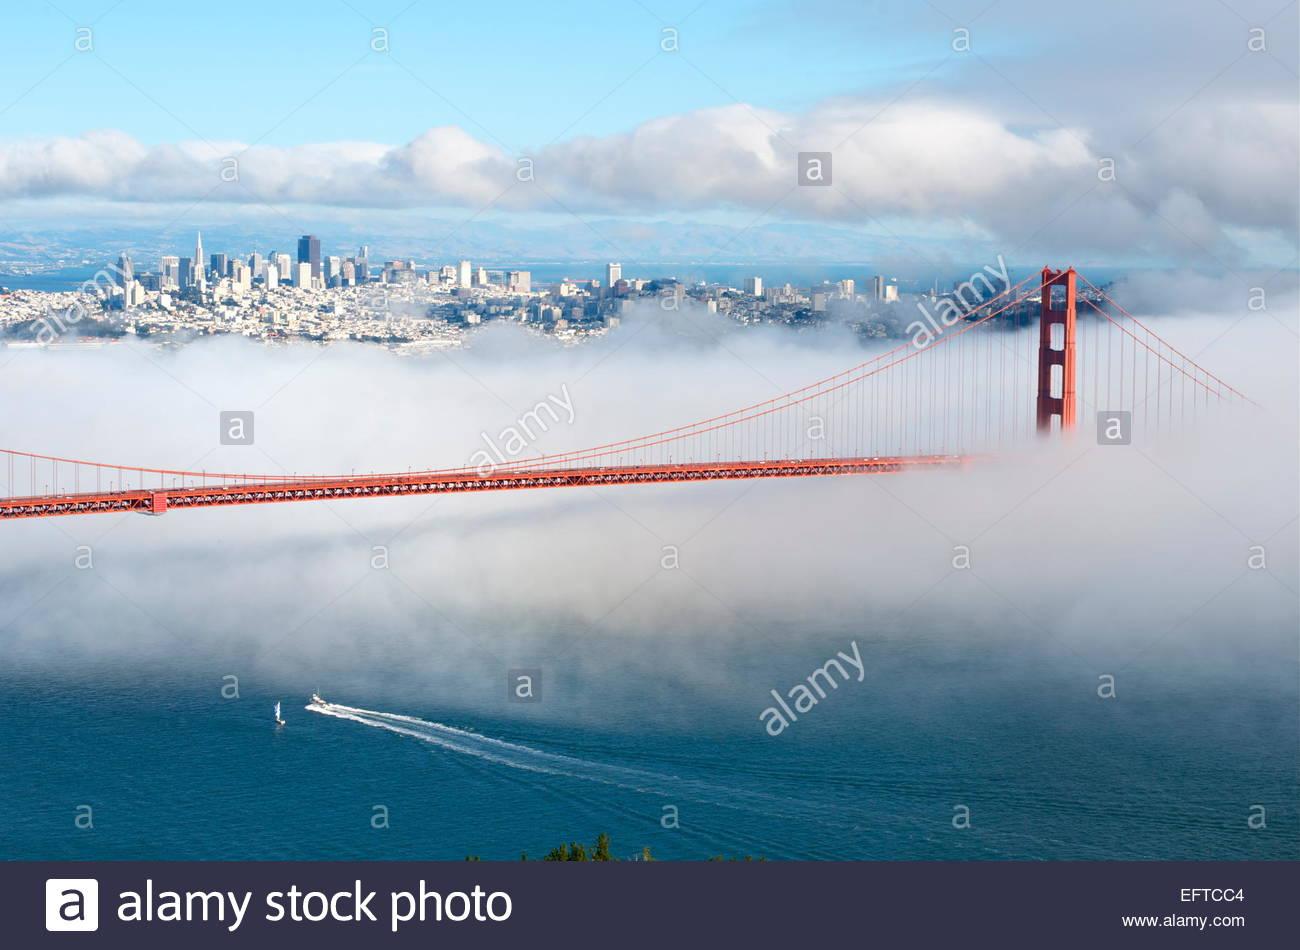 Golden Gate Bridge in una fitta nebbia e waterfront cityscape in background Immagini Stock